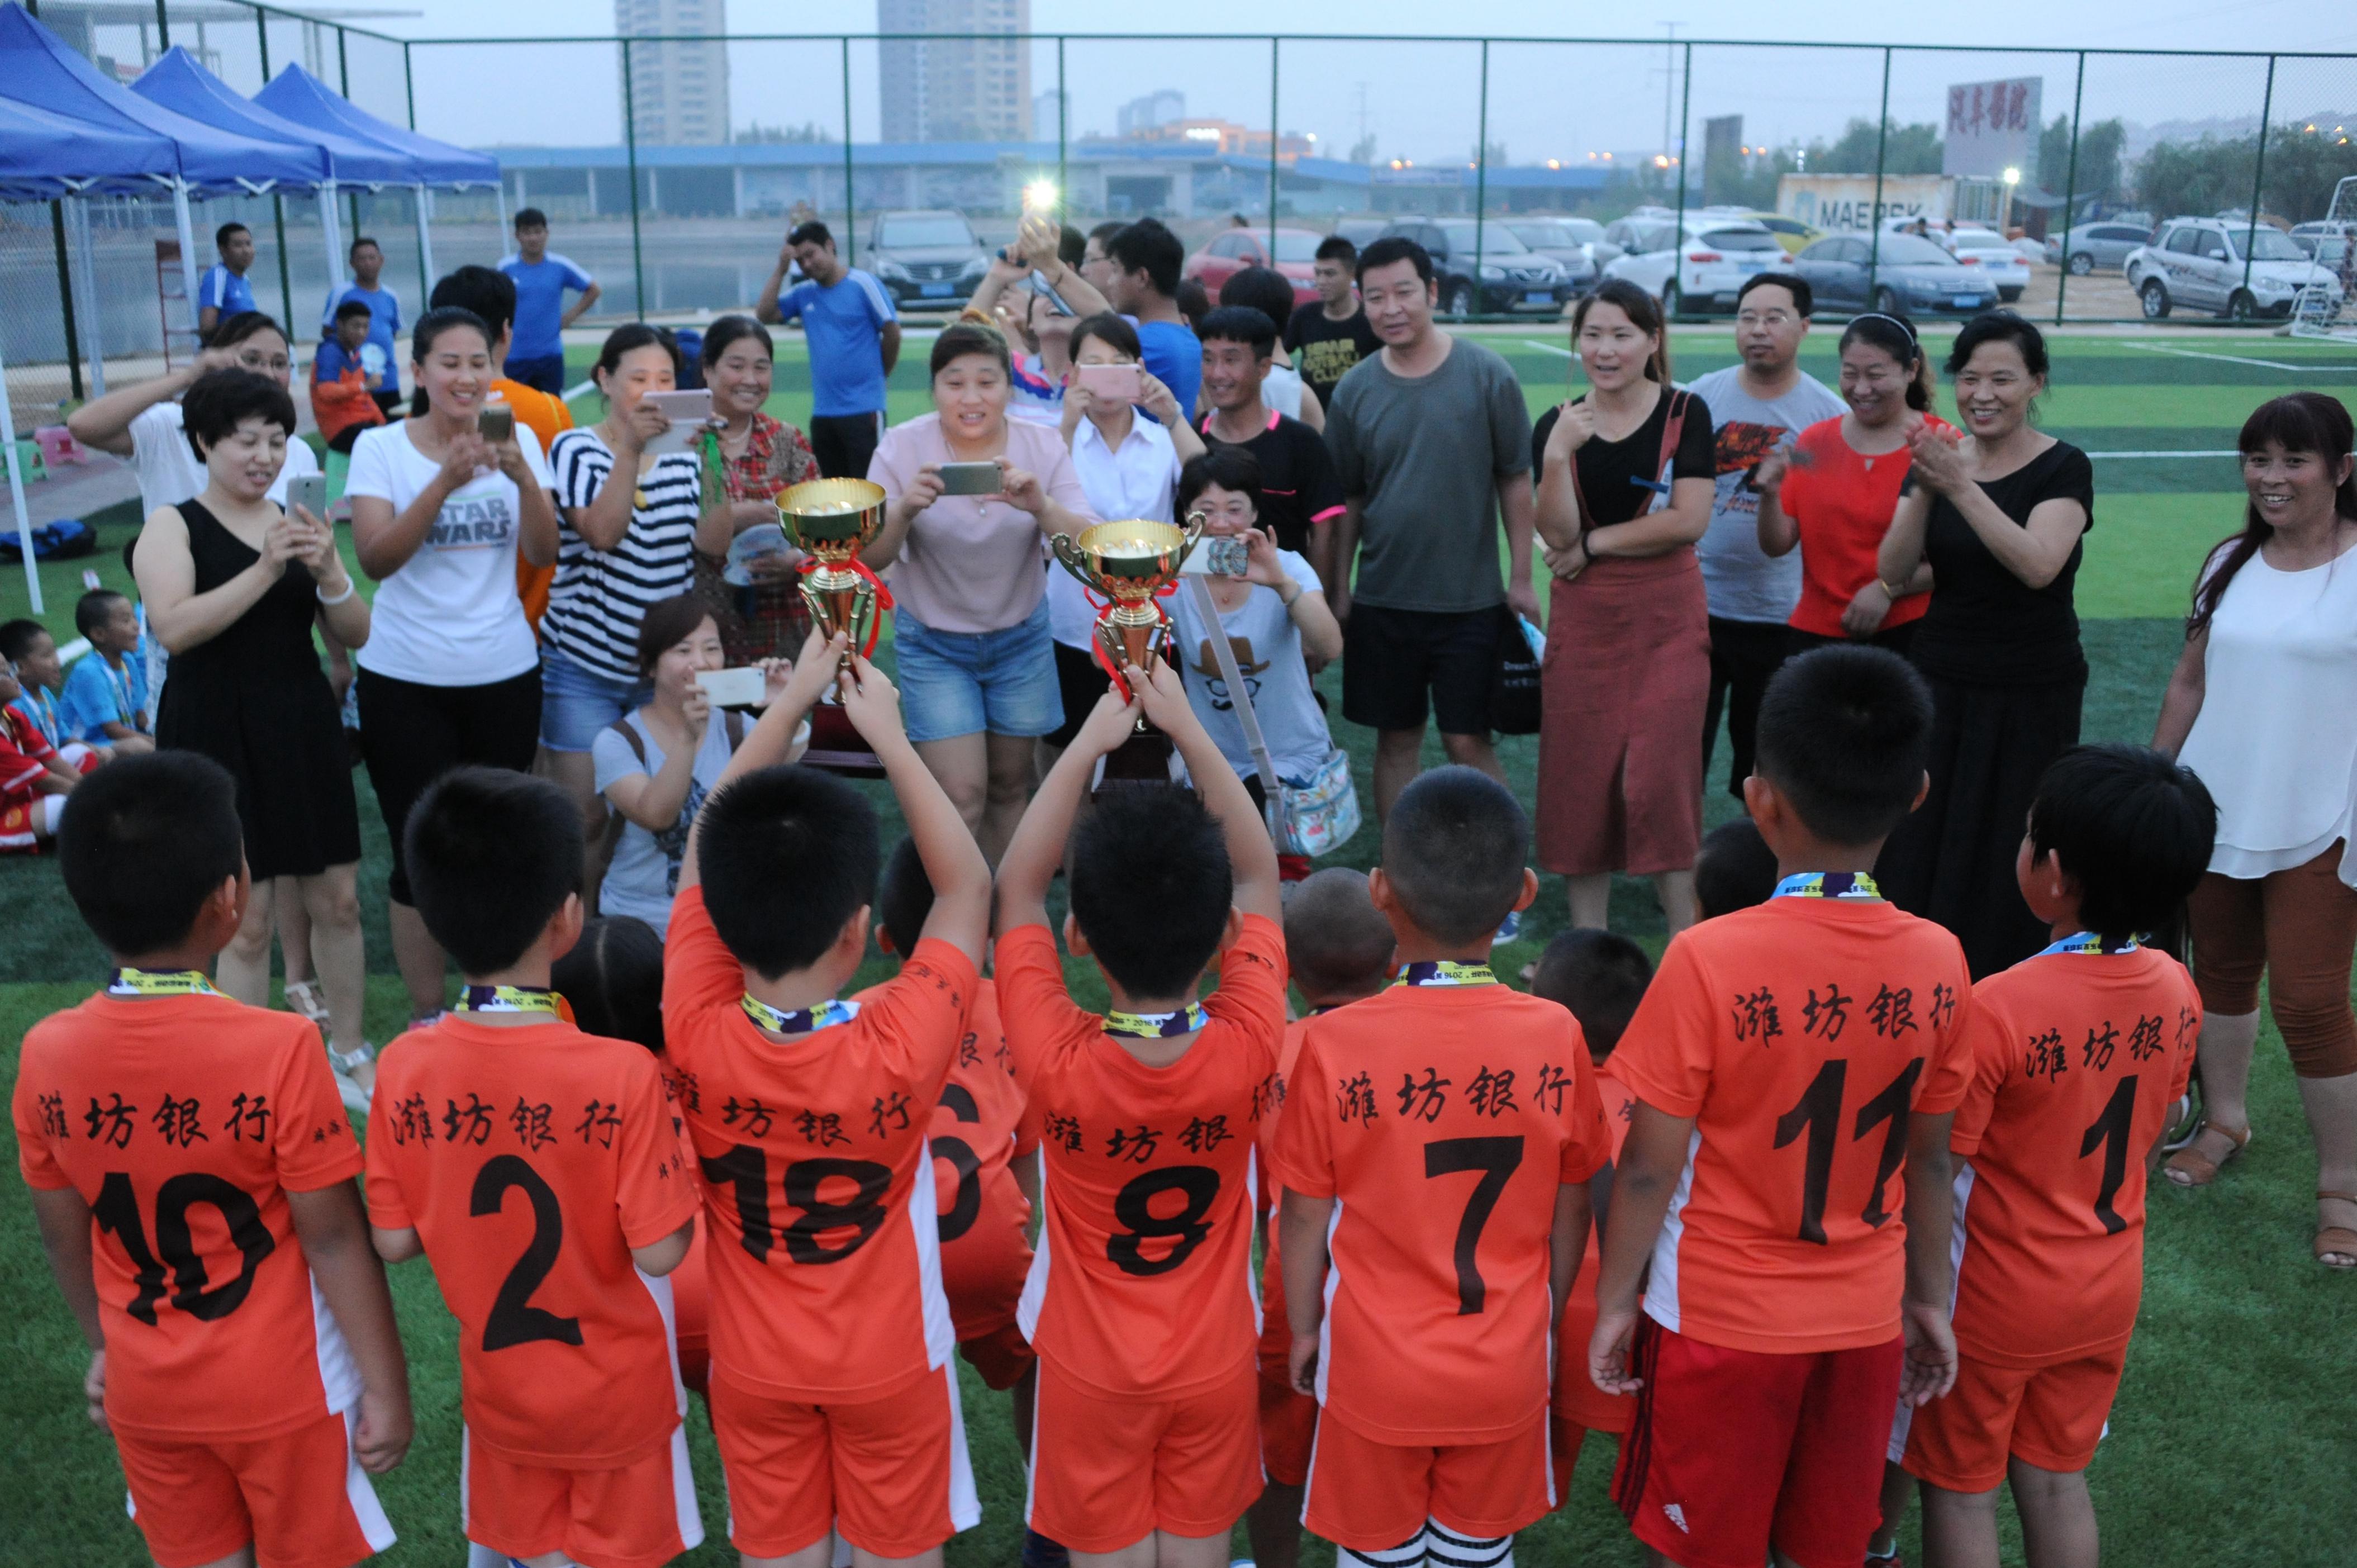 """""""向尚运动杯""""2016滨州青少年七人制快乐足球联赛"""